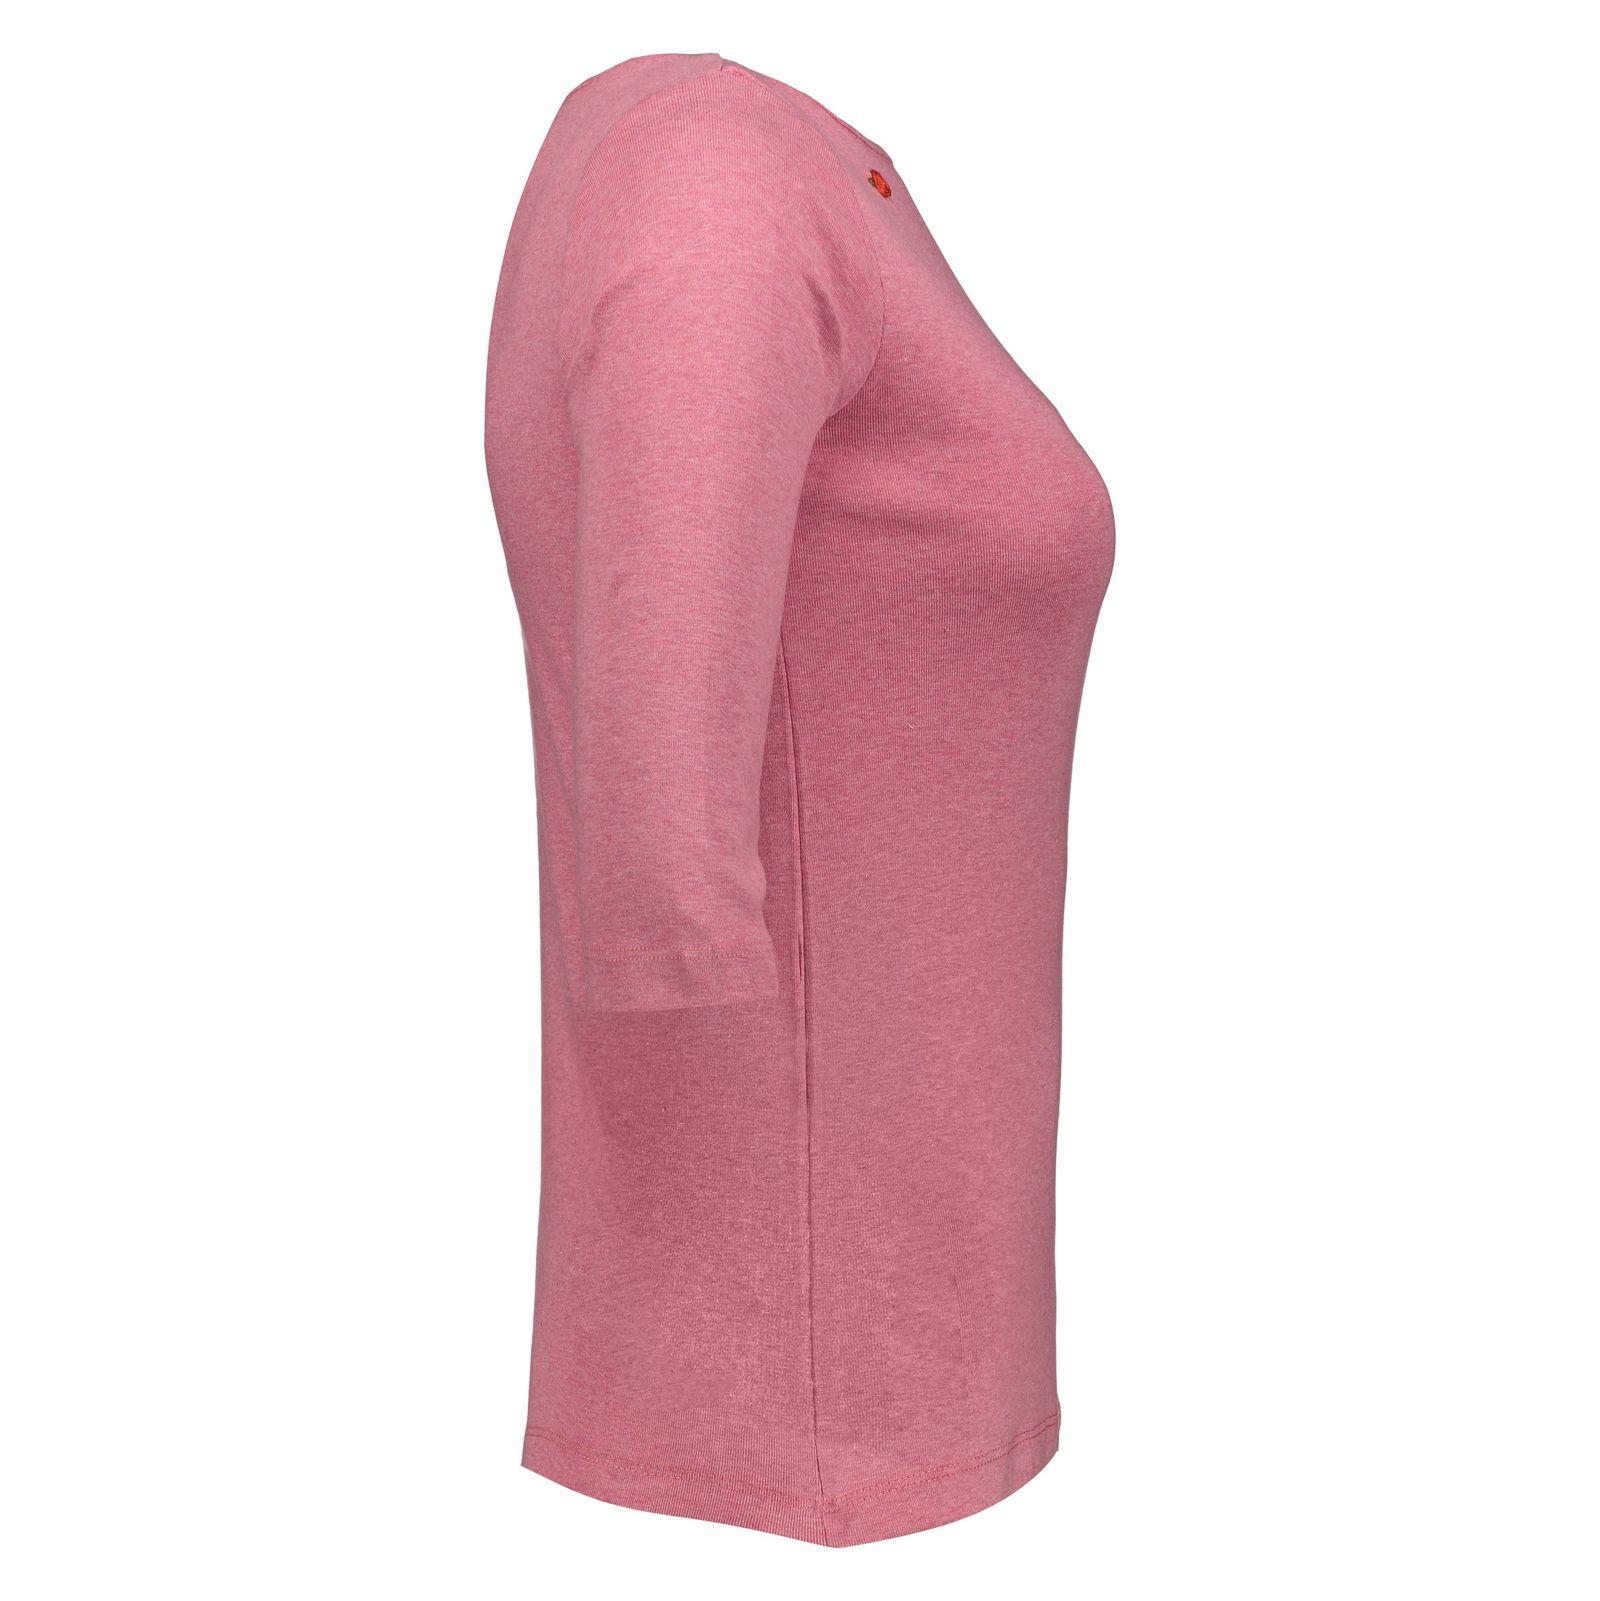 تی شرت زنانه گارودی مدل 1003113012-86 -  - 2